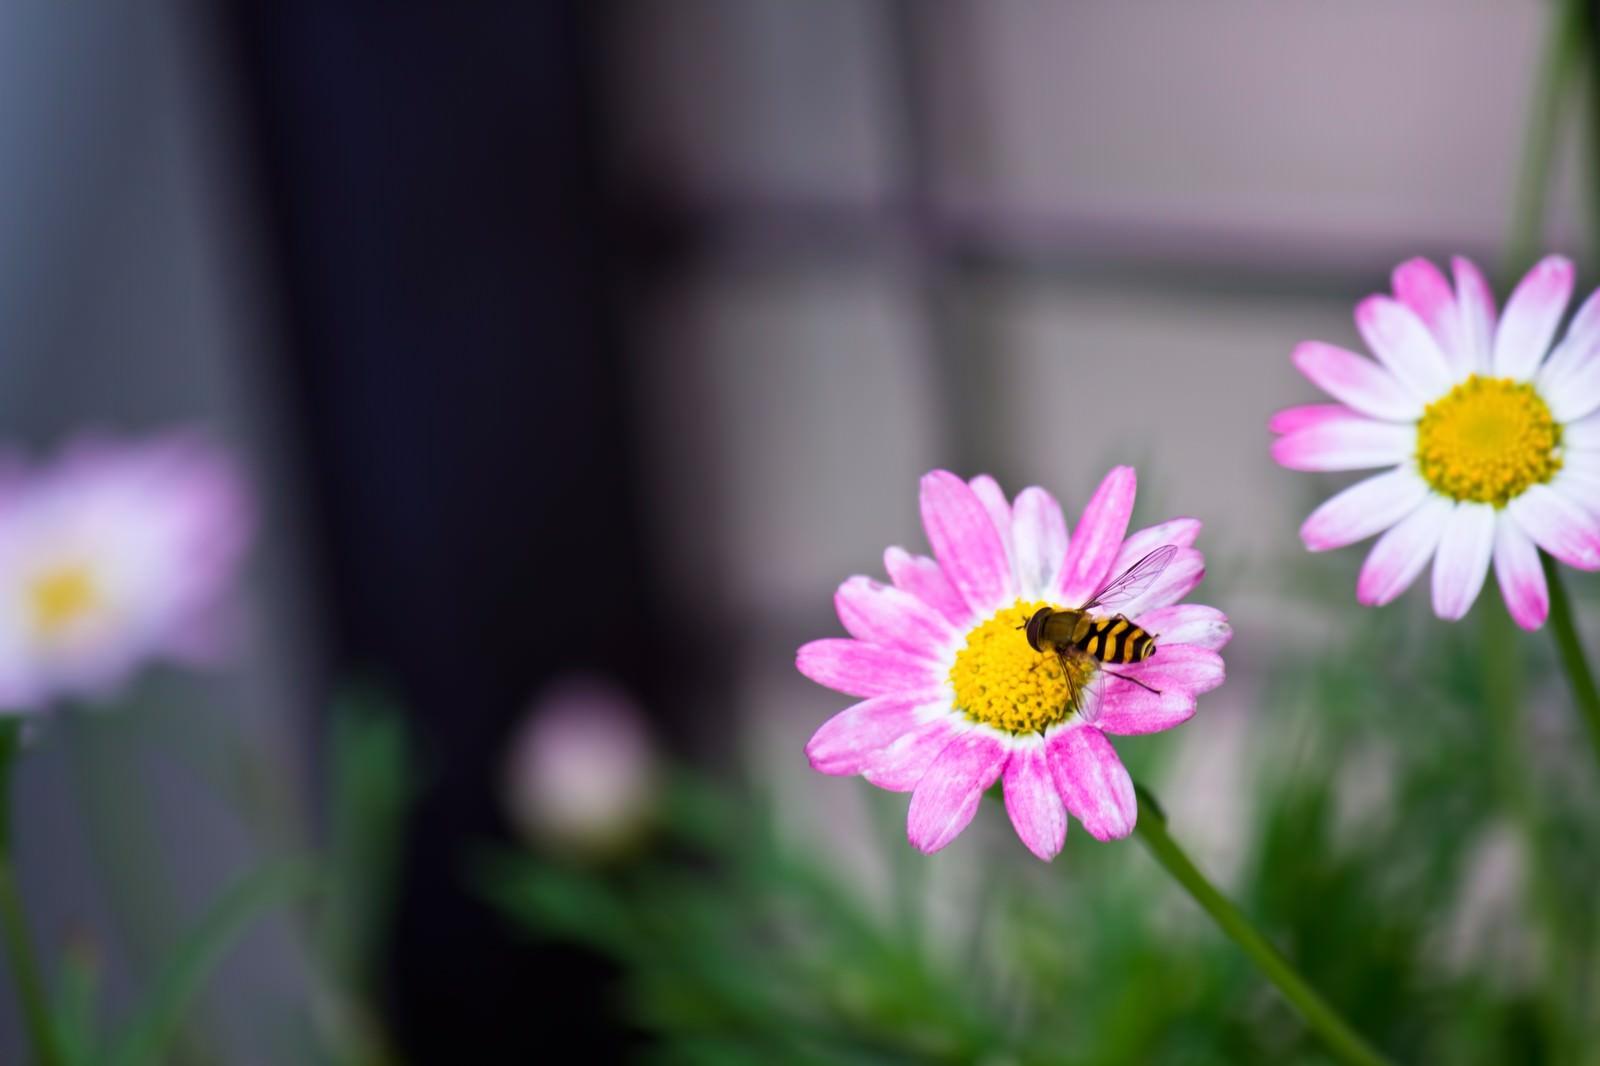 「花の蜜を吸う虻花の蜜を吸う虻」のフリー写真素材を拡大